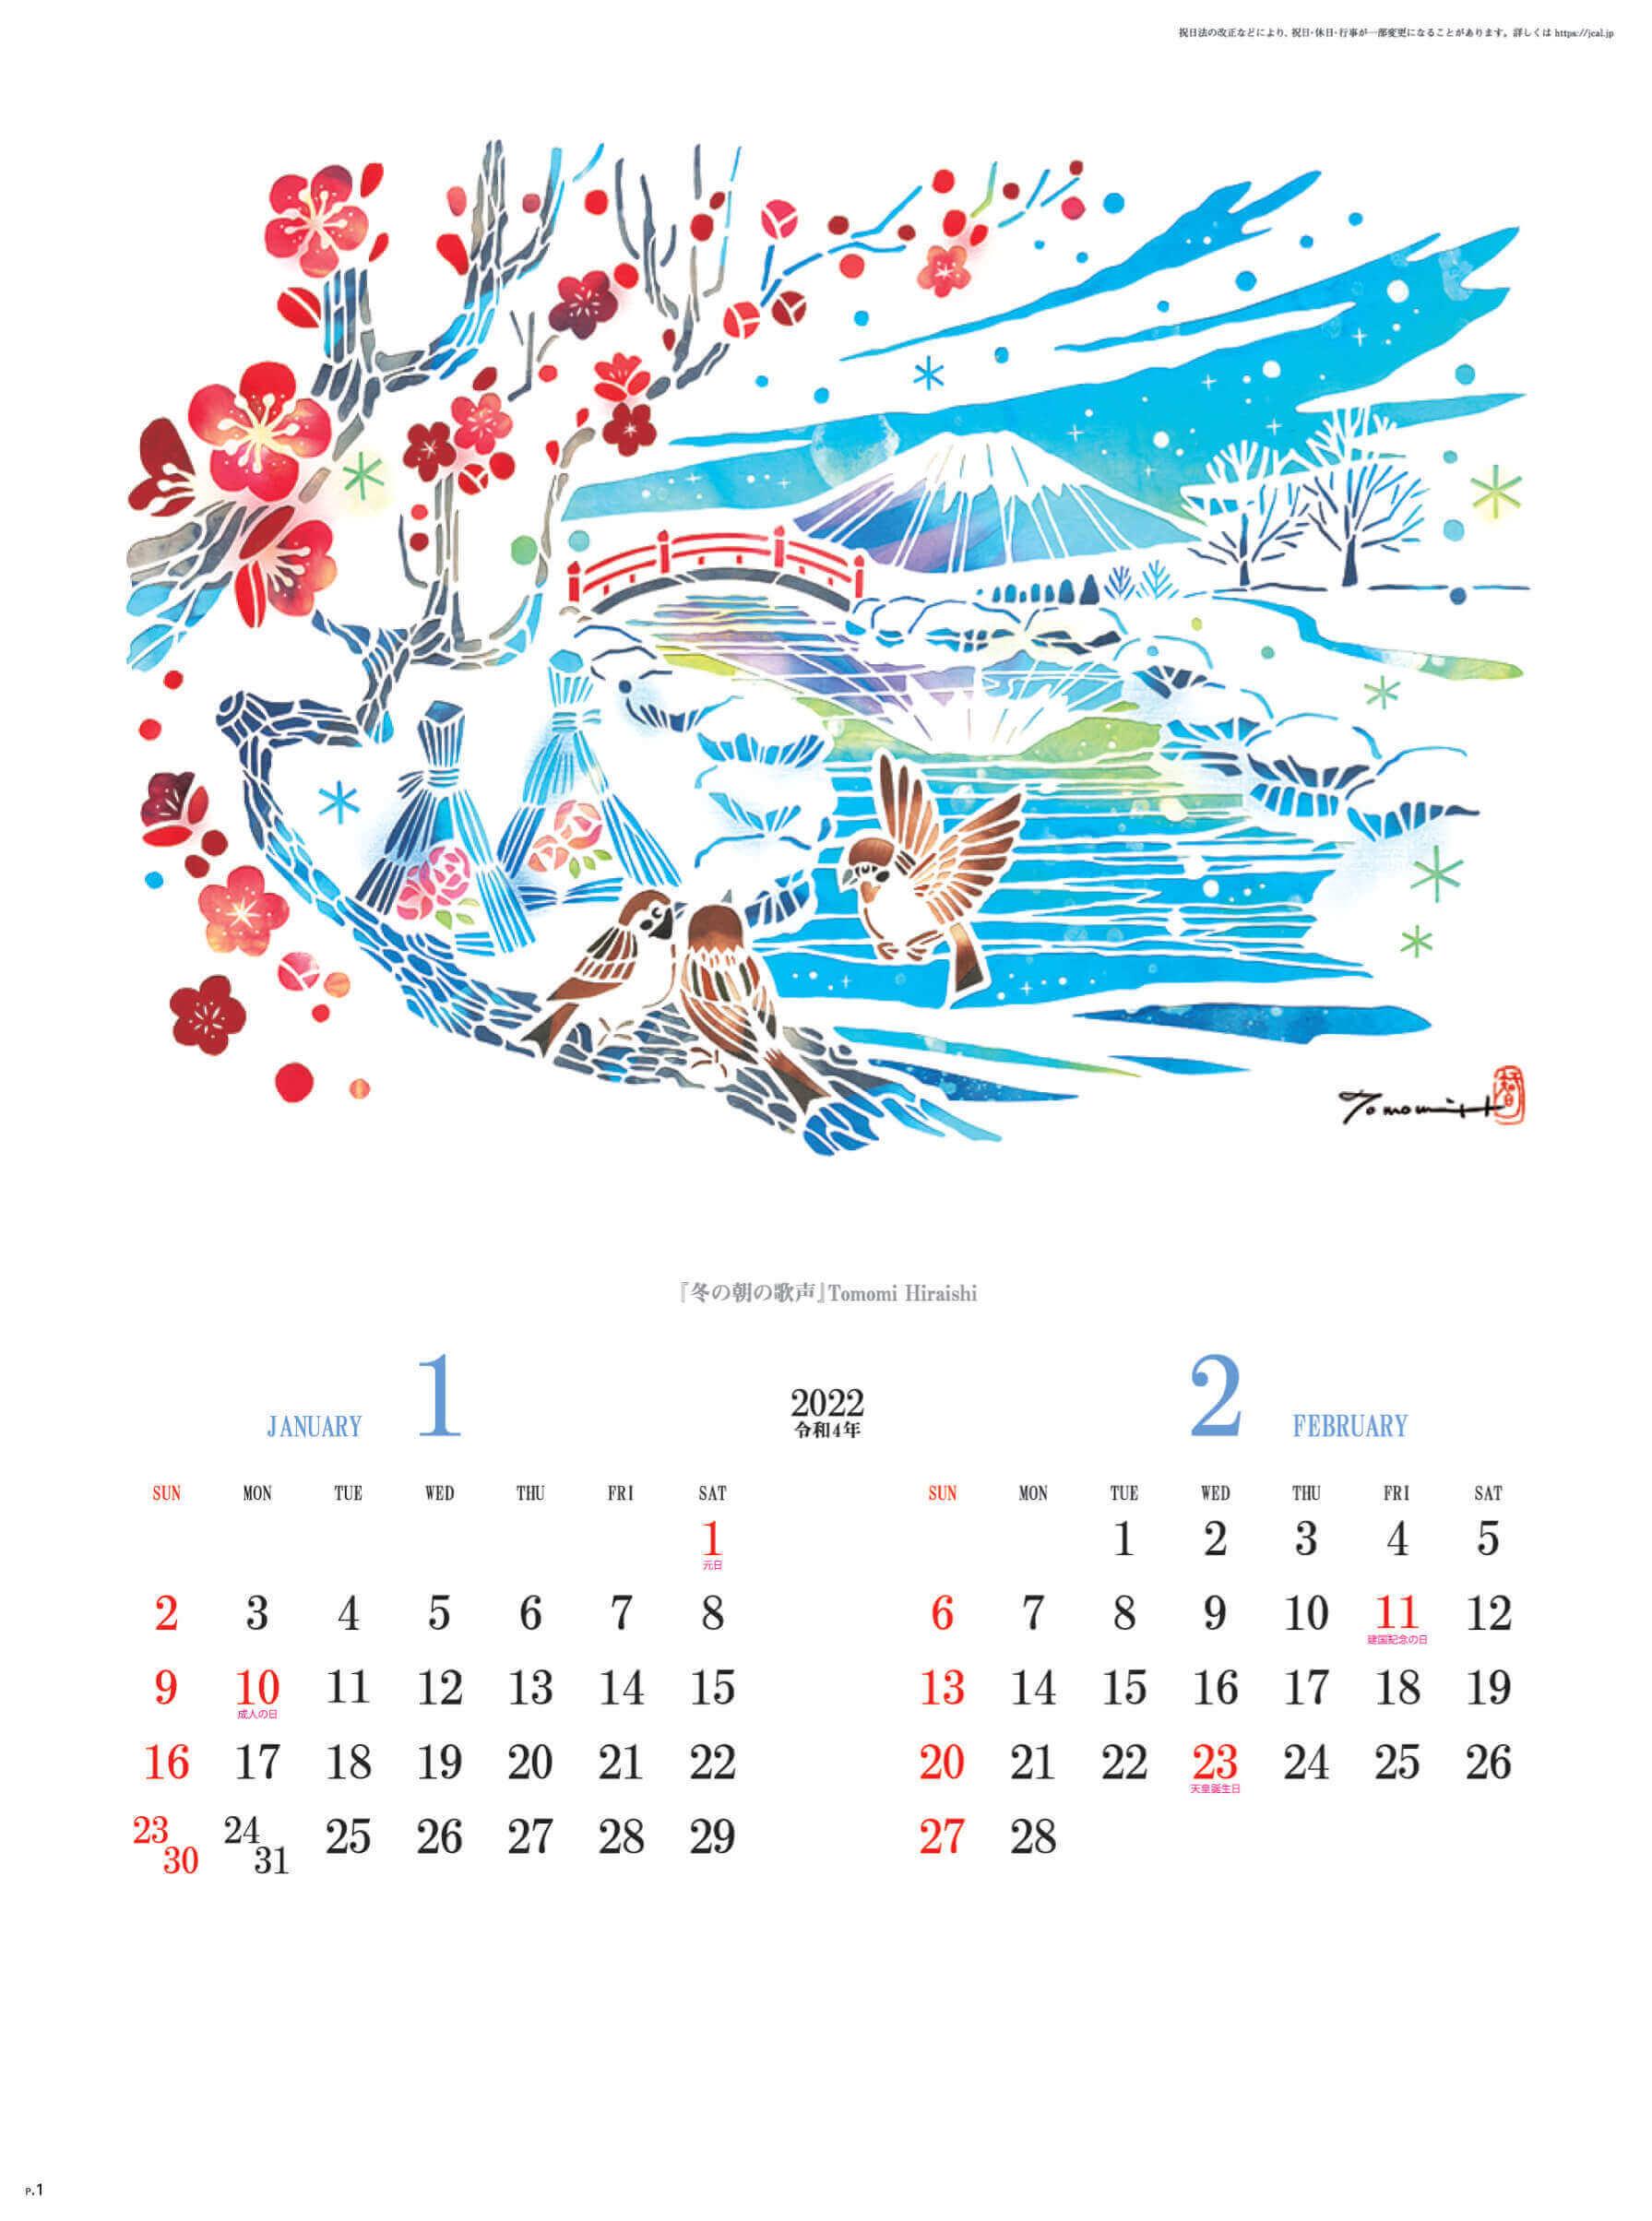 1-2月 冬の朝の歌声 切り絵の世界・平石智美作品集 2022年カレンダーの画像